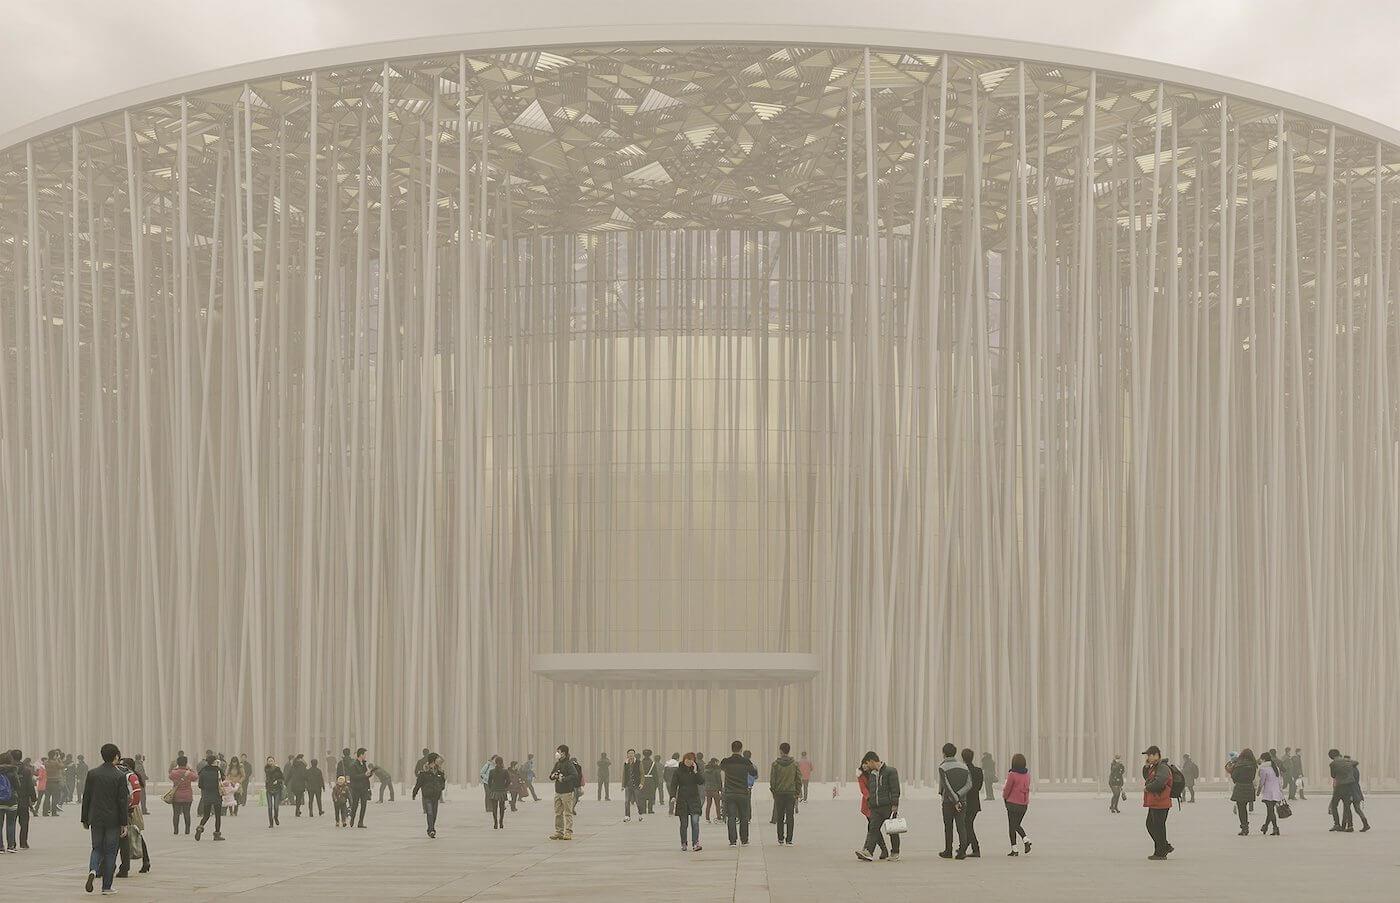 Phase Italia Blog - Il teatro ispirato ad una foresta di bambù - vista da fuori di giorno 2